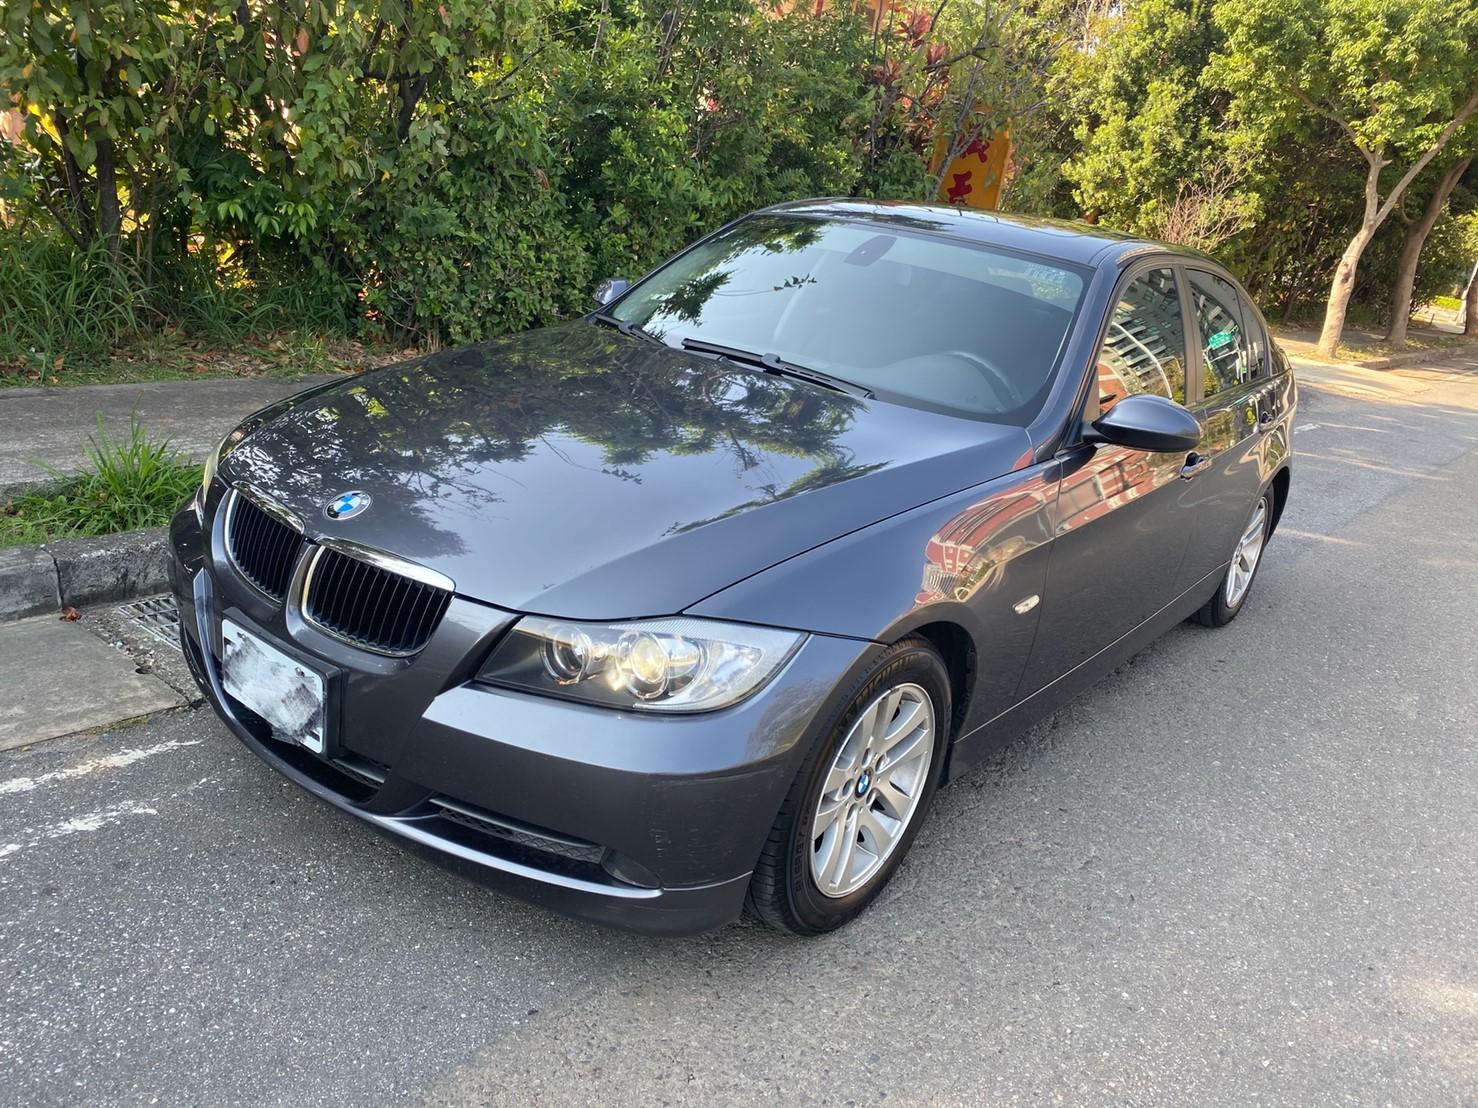 2007 BMW 寶馬 3-series sedan